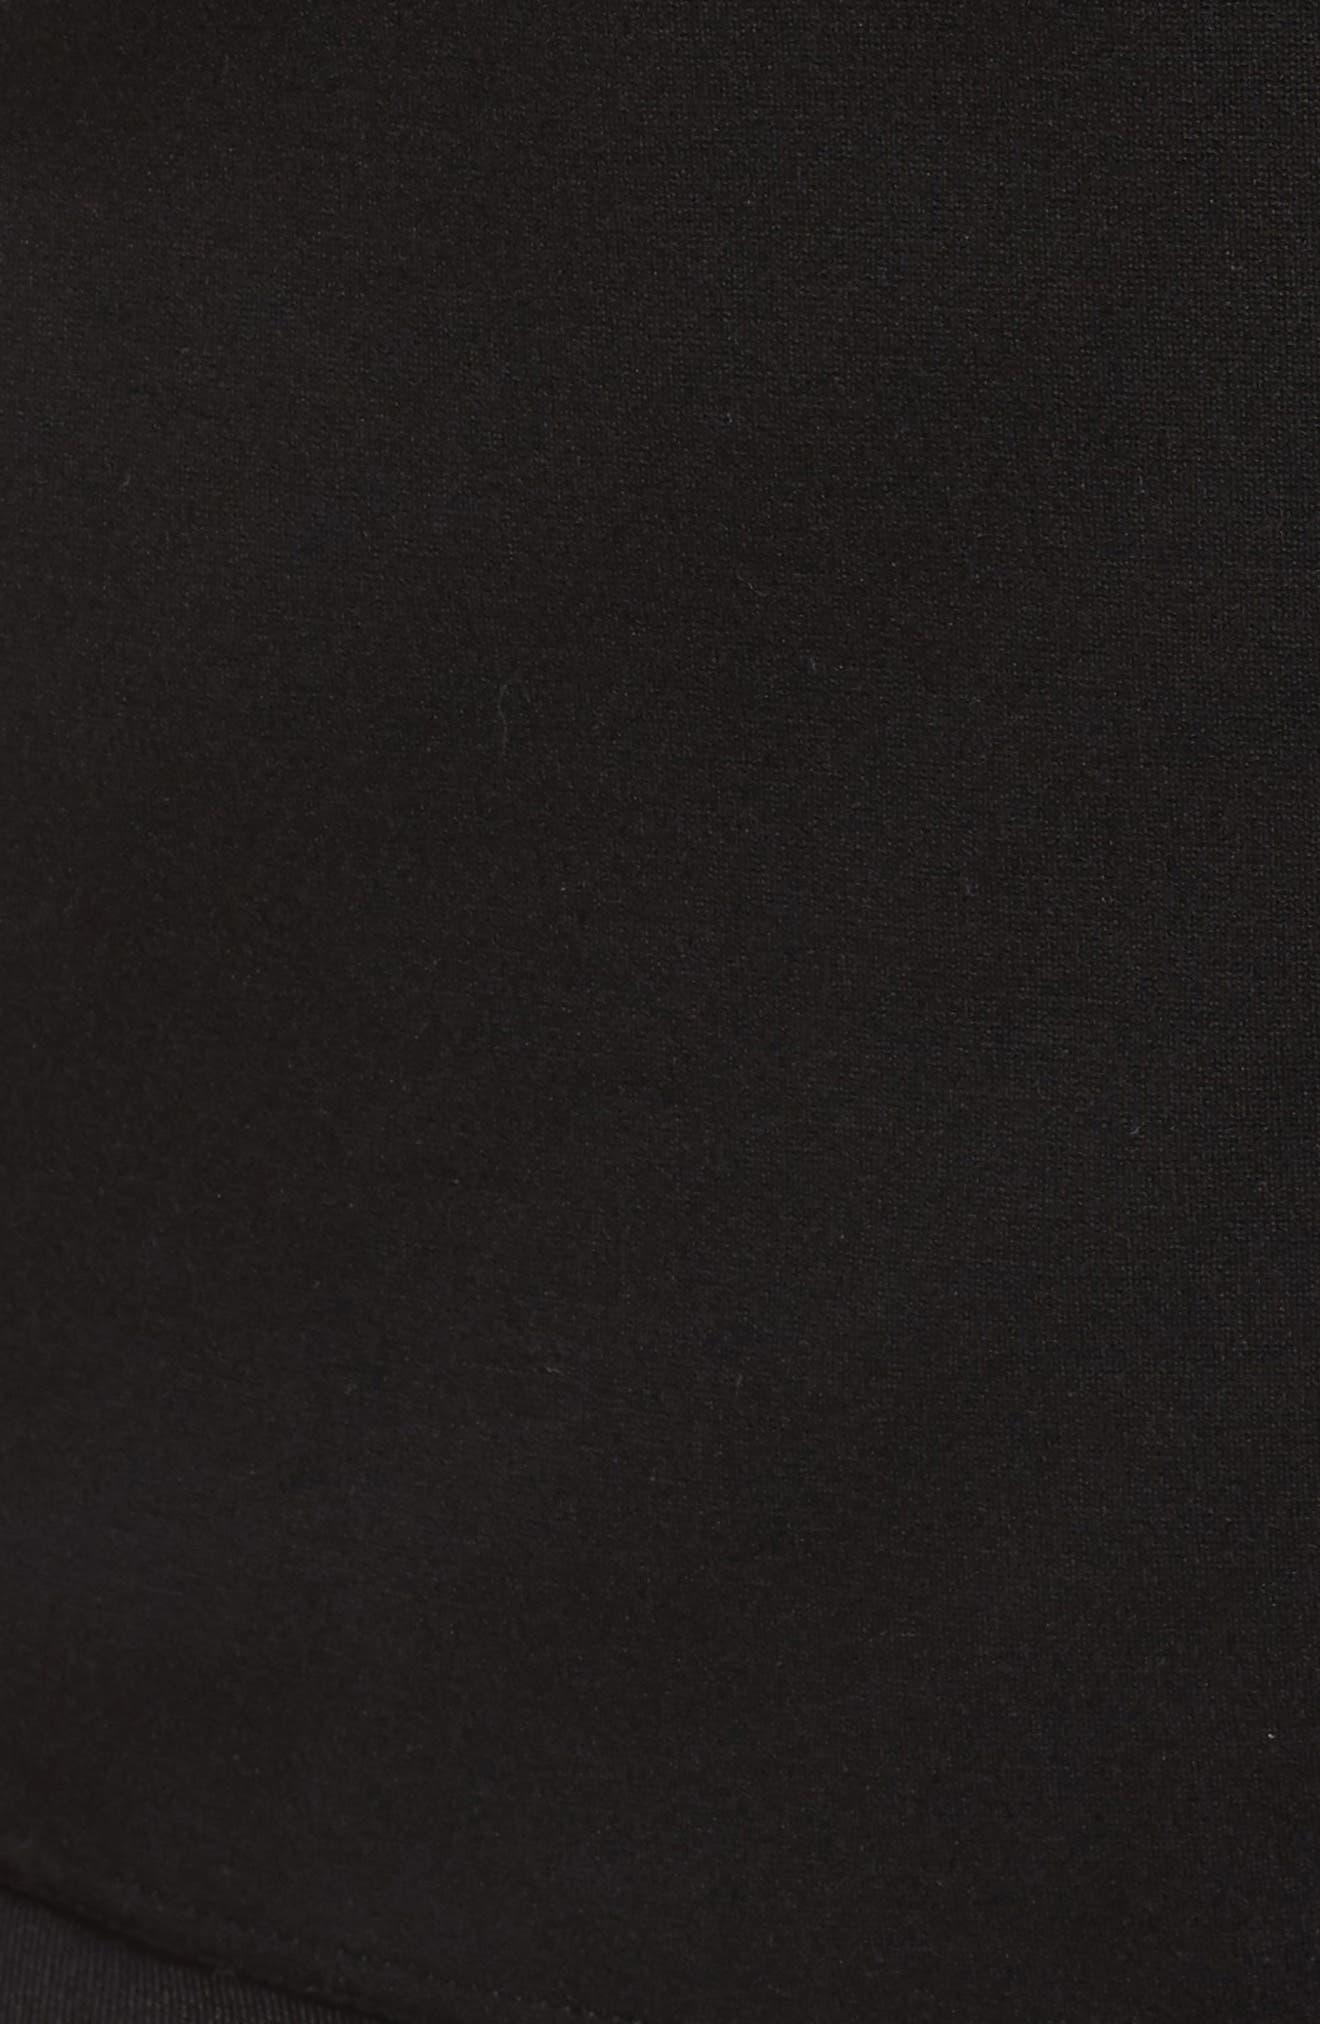 Alison Zip Front Jacket,                             Alternate thumbnail 5, color,                             Black